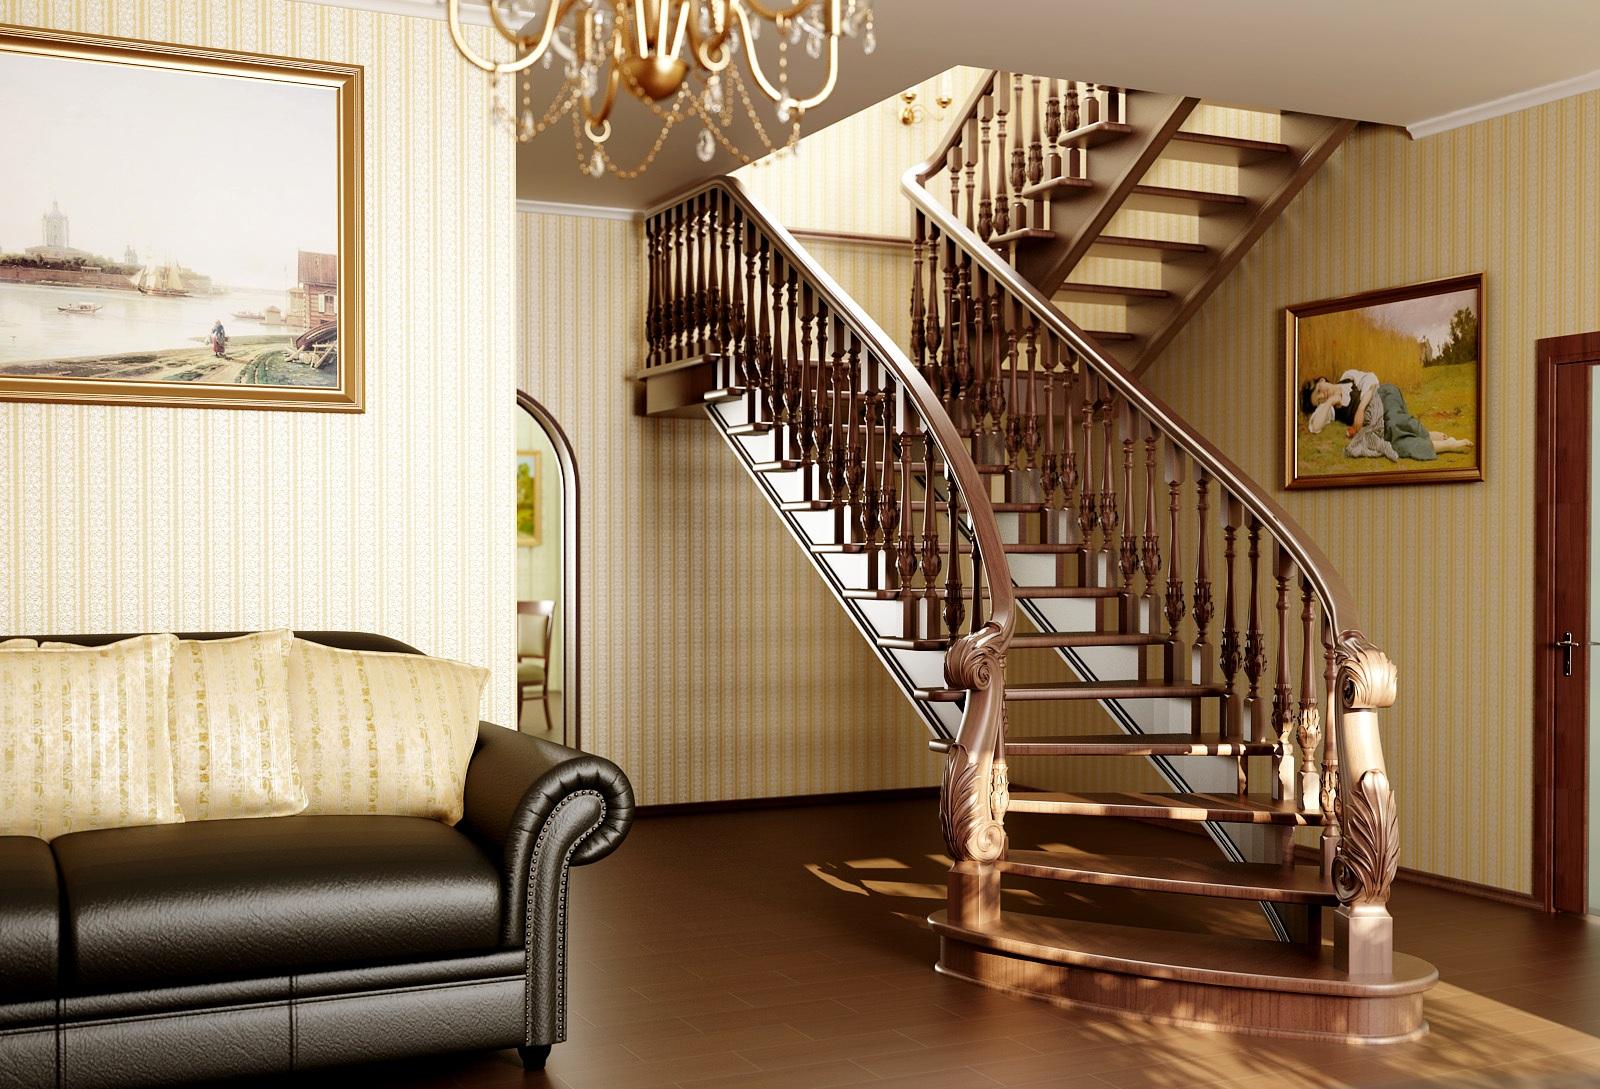 предлагает лучшие лестницы для дома фото узловых точек, места